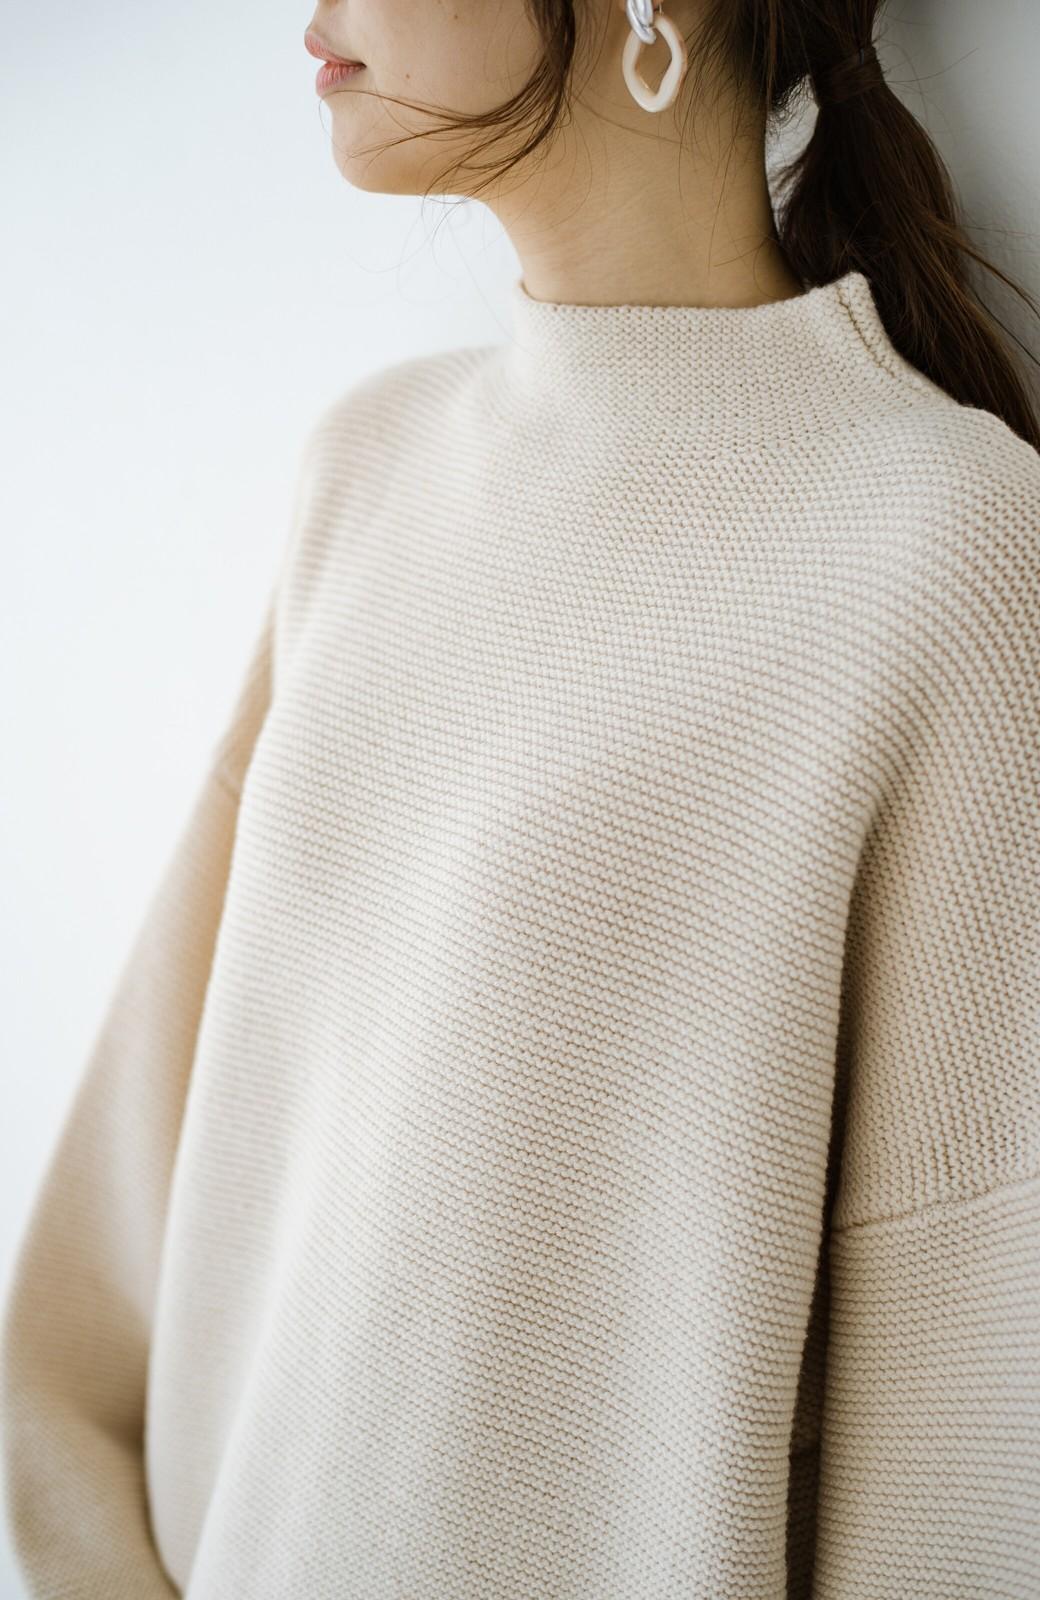 haco! ゆるシルエットも大人っぽい雰囲気にしてくれる 編地がきれいなハイネックニットトップス <オフホワイト>の商品写真3